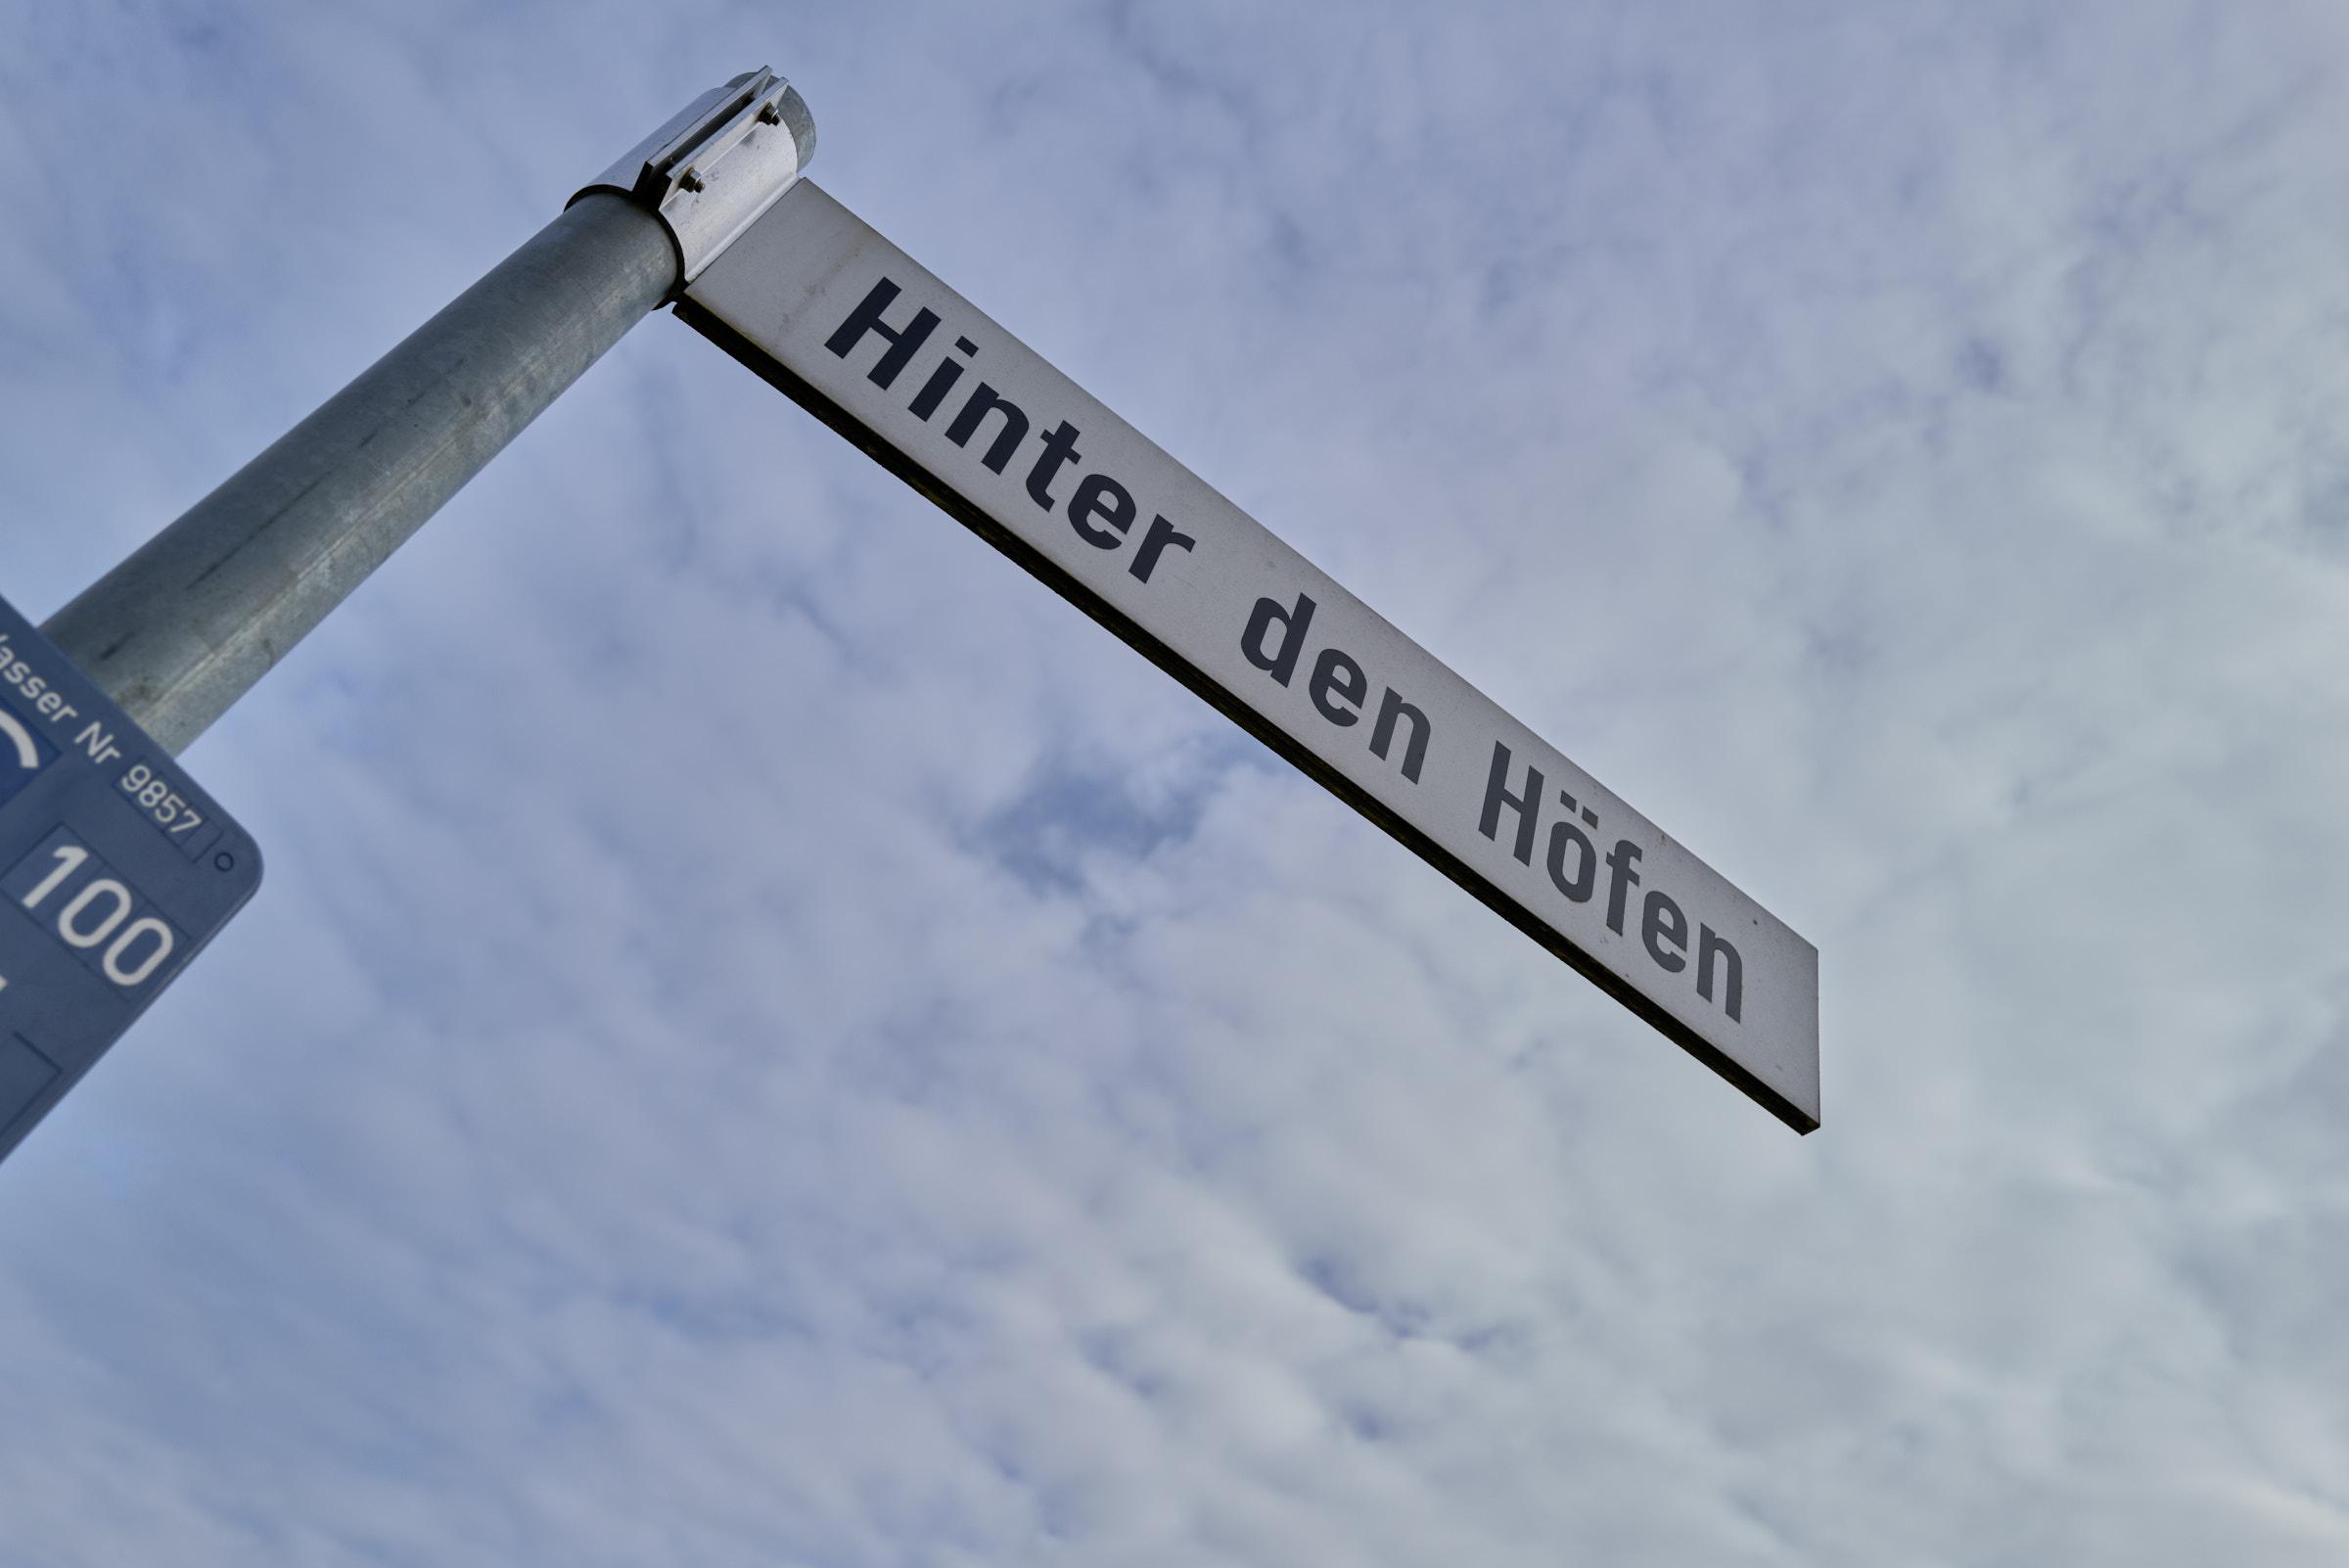 HinterdenHoefen_2